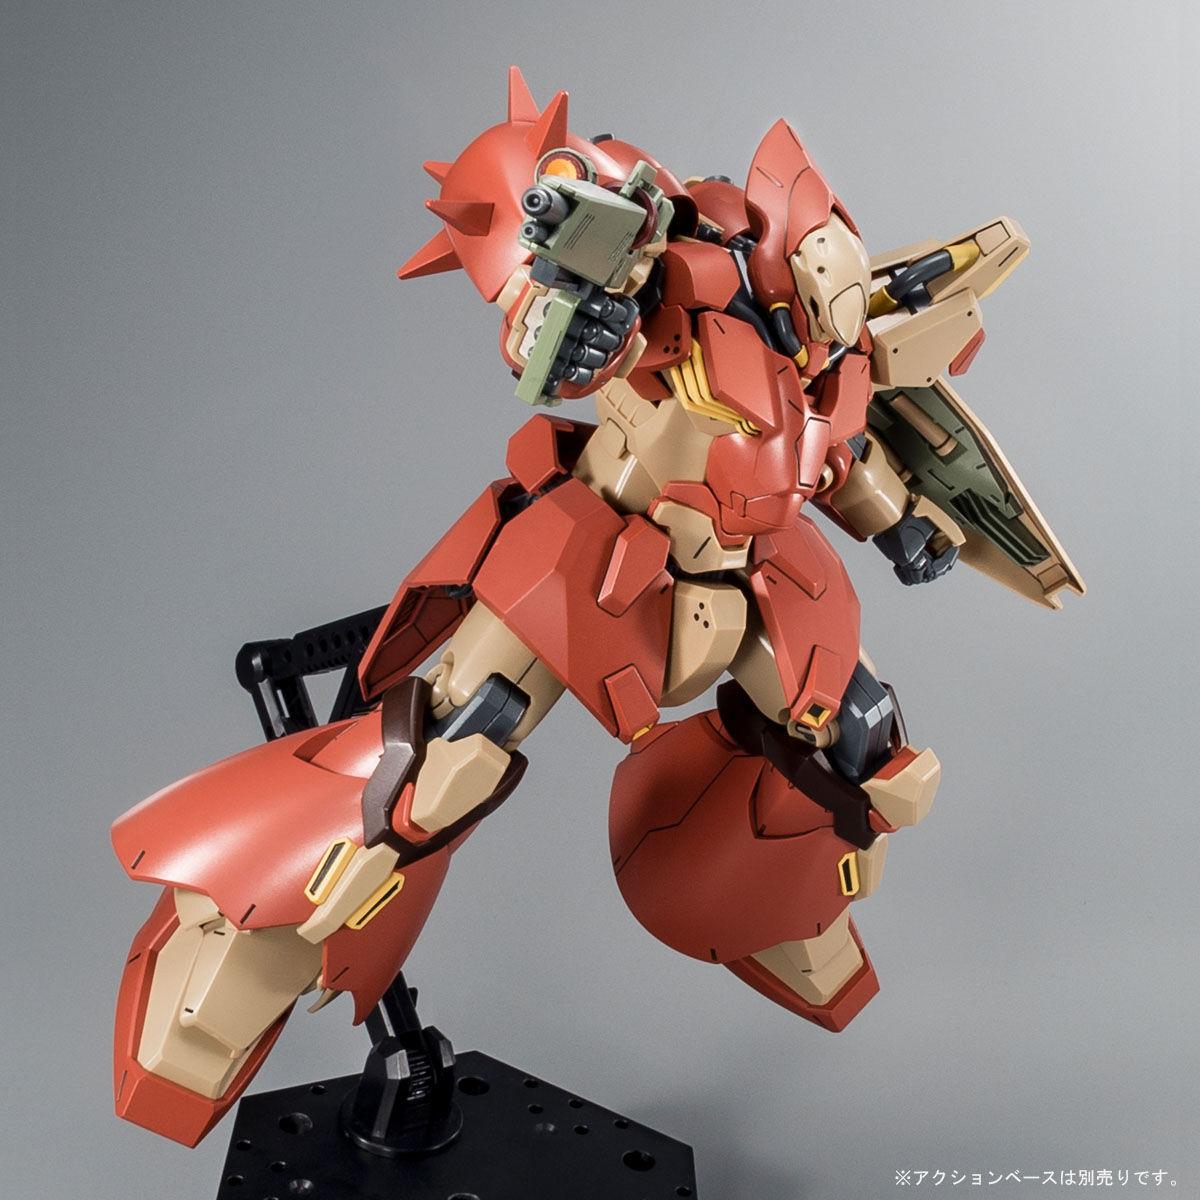 【限定販売】HG 1/144『メッサーF02型』機動戦士ガンダム 閃光のハサウェイ プラモデル-004